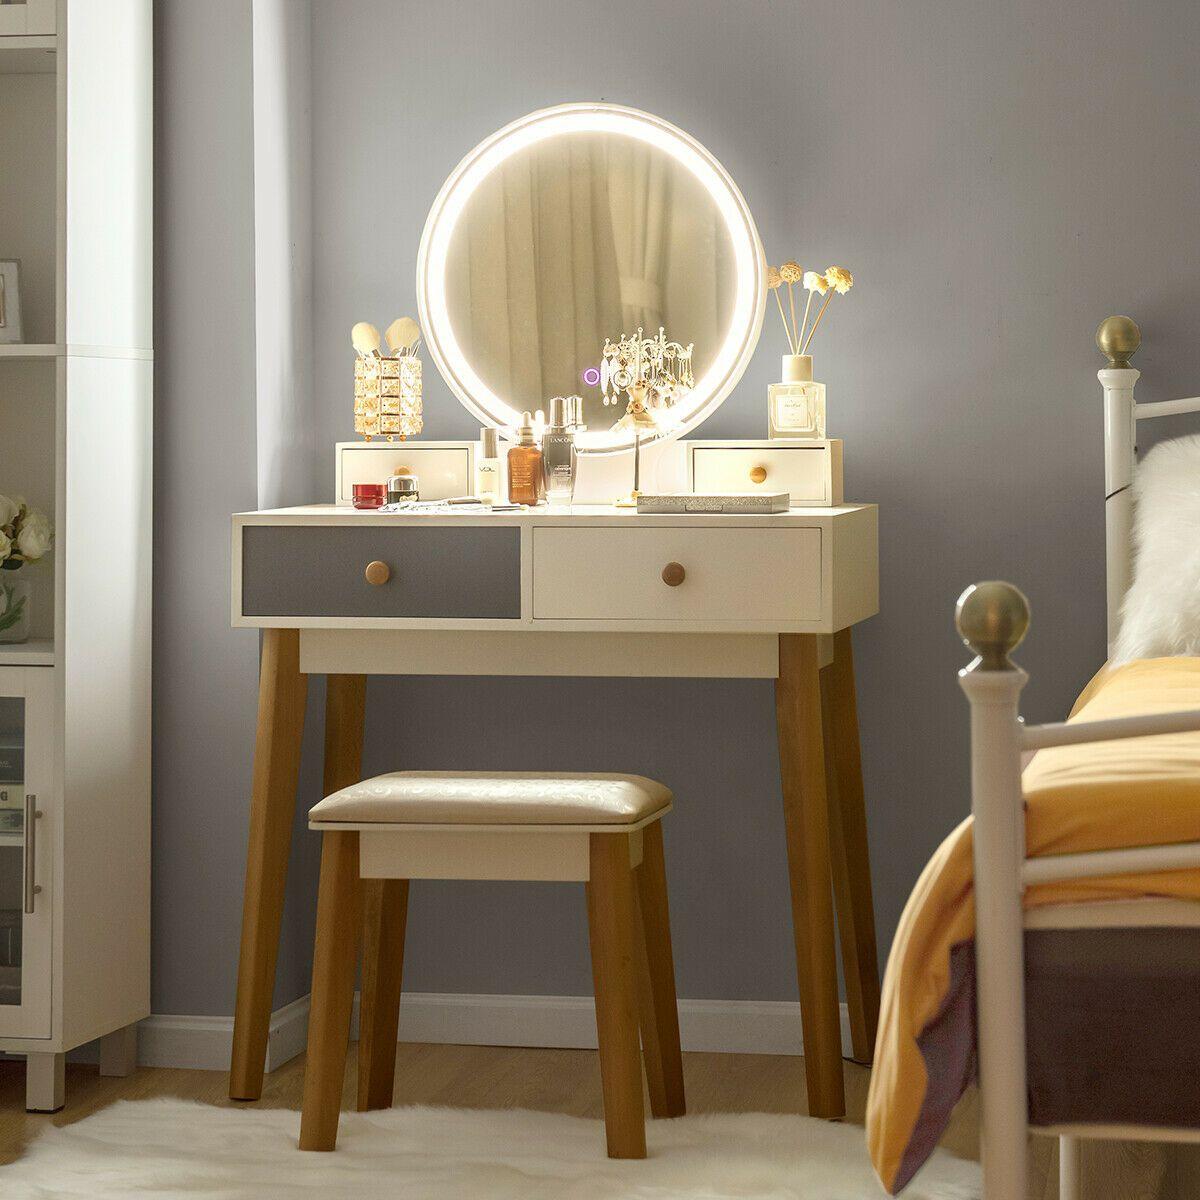 Costway Vanity Table 3 Color Lighting Modes Makeup Stool Jewelry Walmart Com In 2021 Vanity Table Set Vanity Table Vanity Set